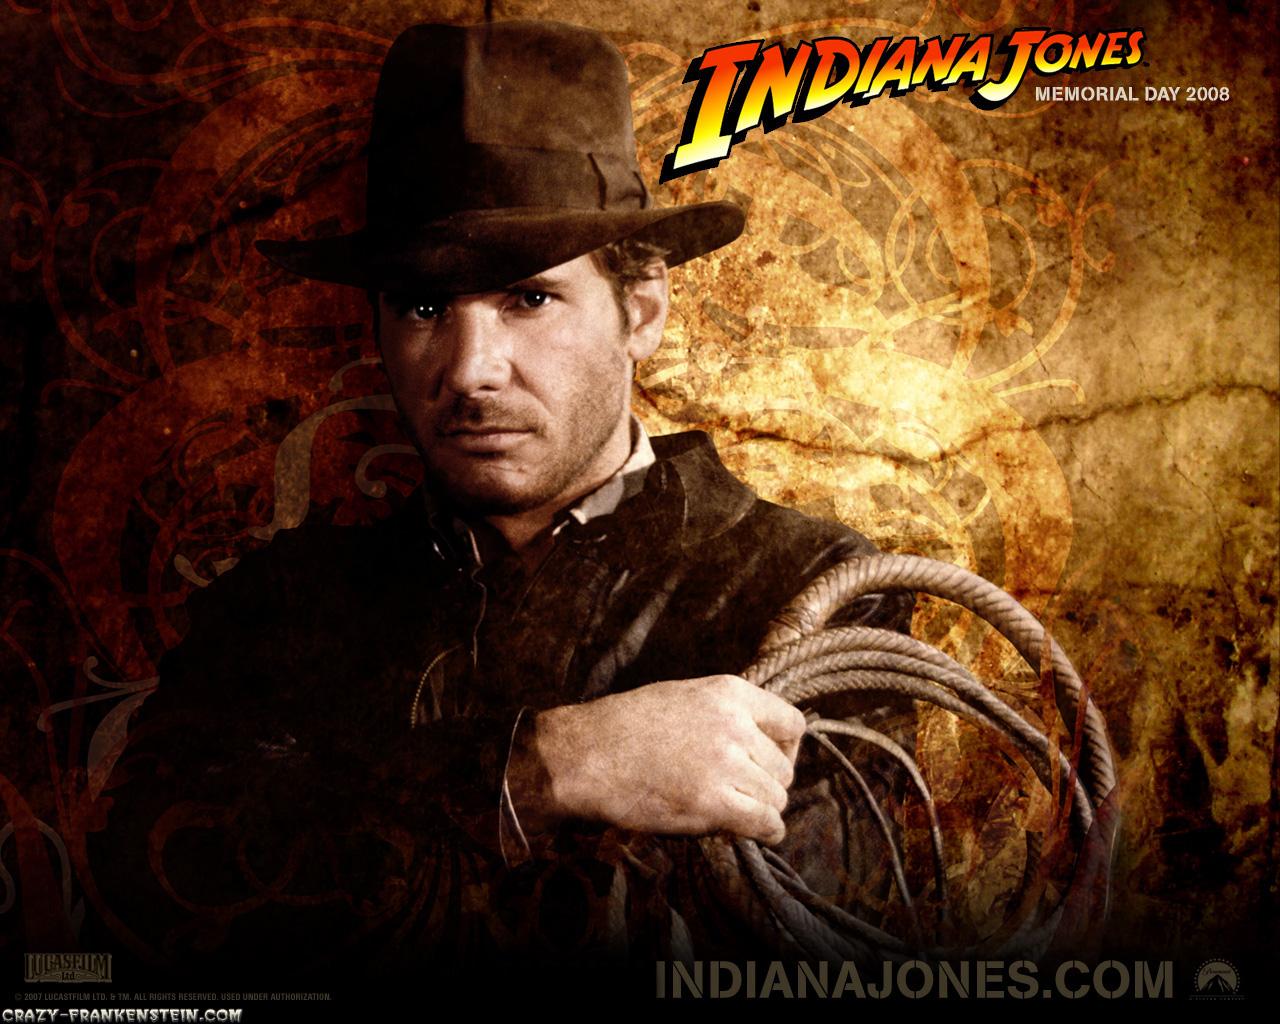 Wallpaper: Indiana Jones - wallpaper 3